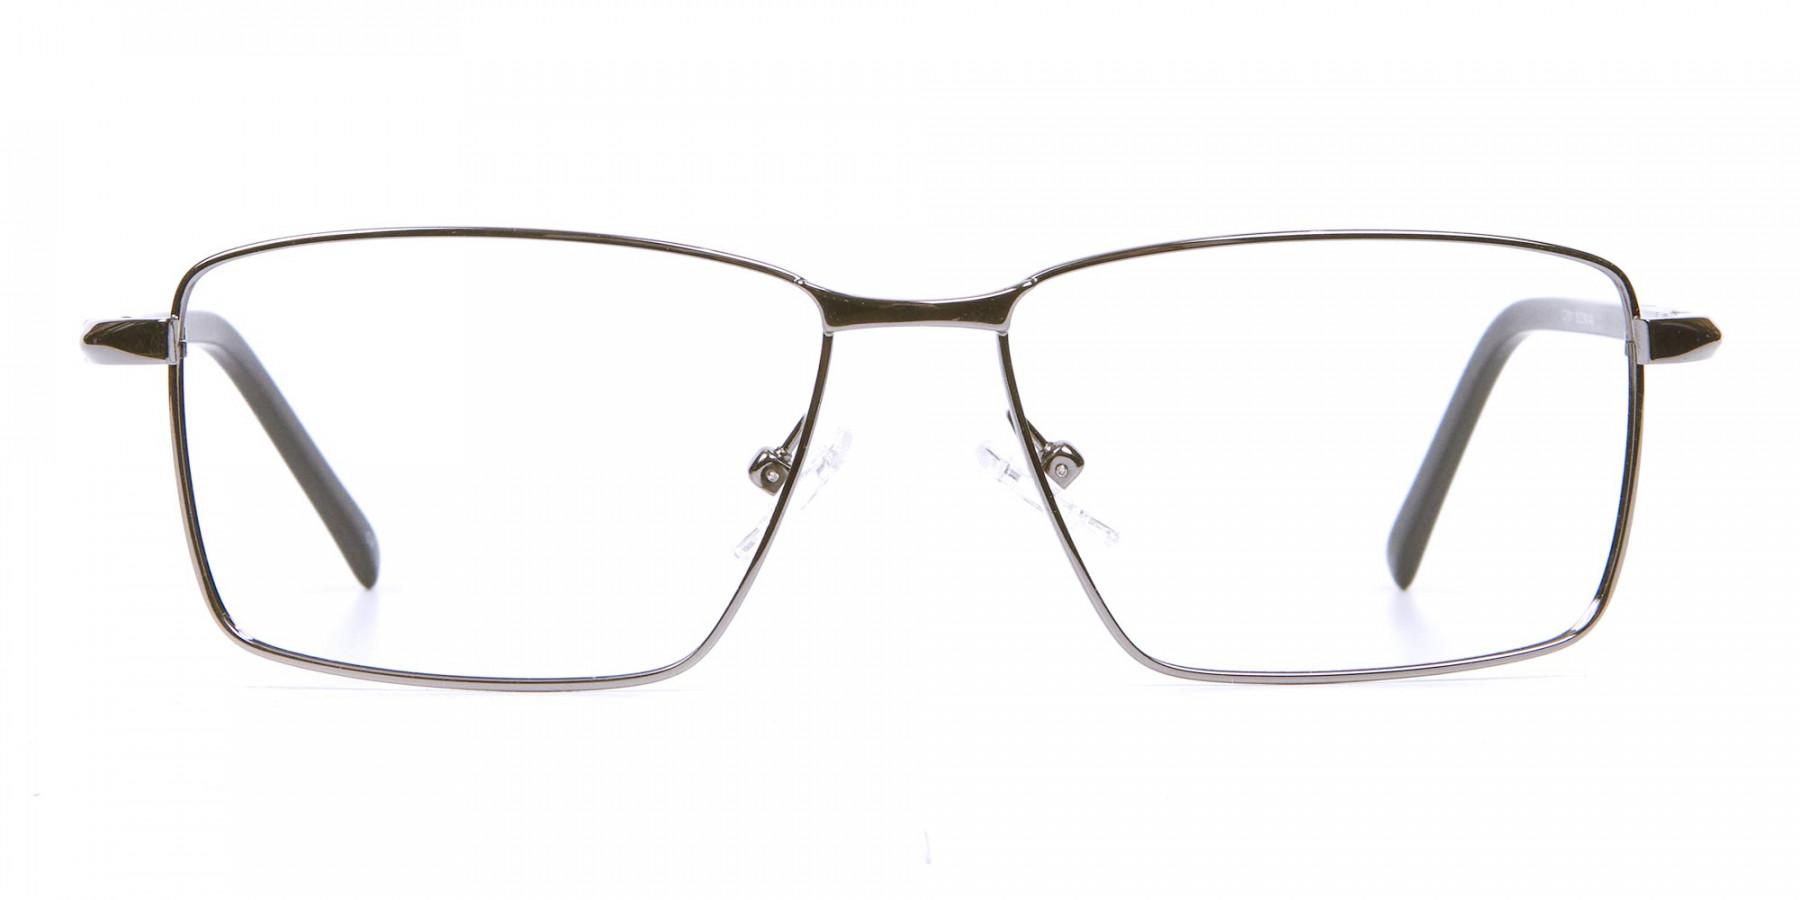 Rectangular Glasses in Gunmetal for Men & Women -1